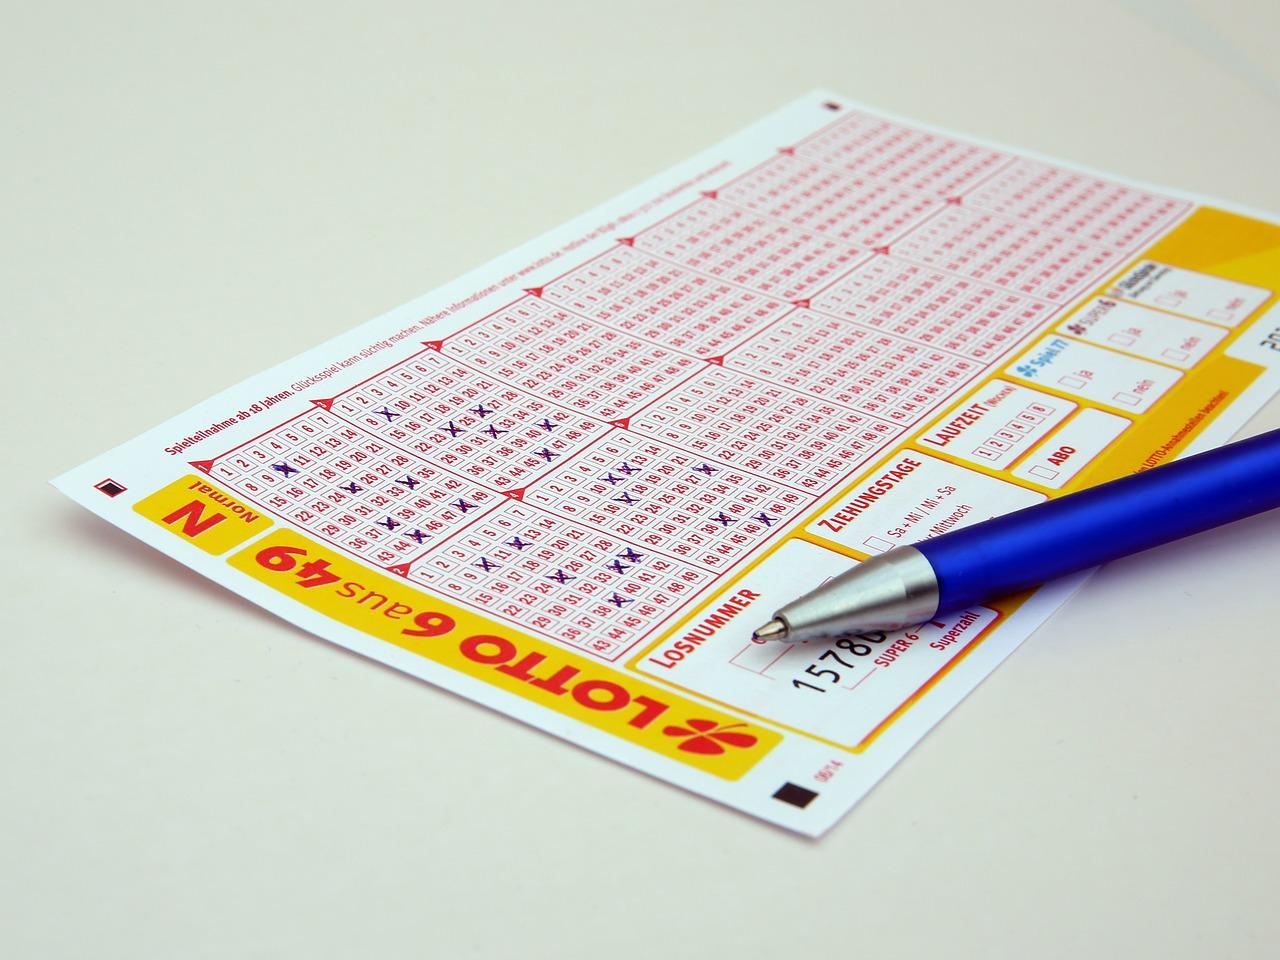 Lotto oder Casino - wo kann man besser gewinnen